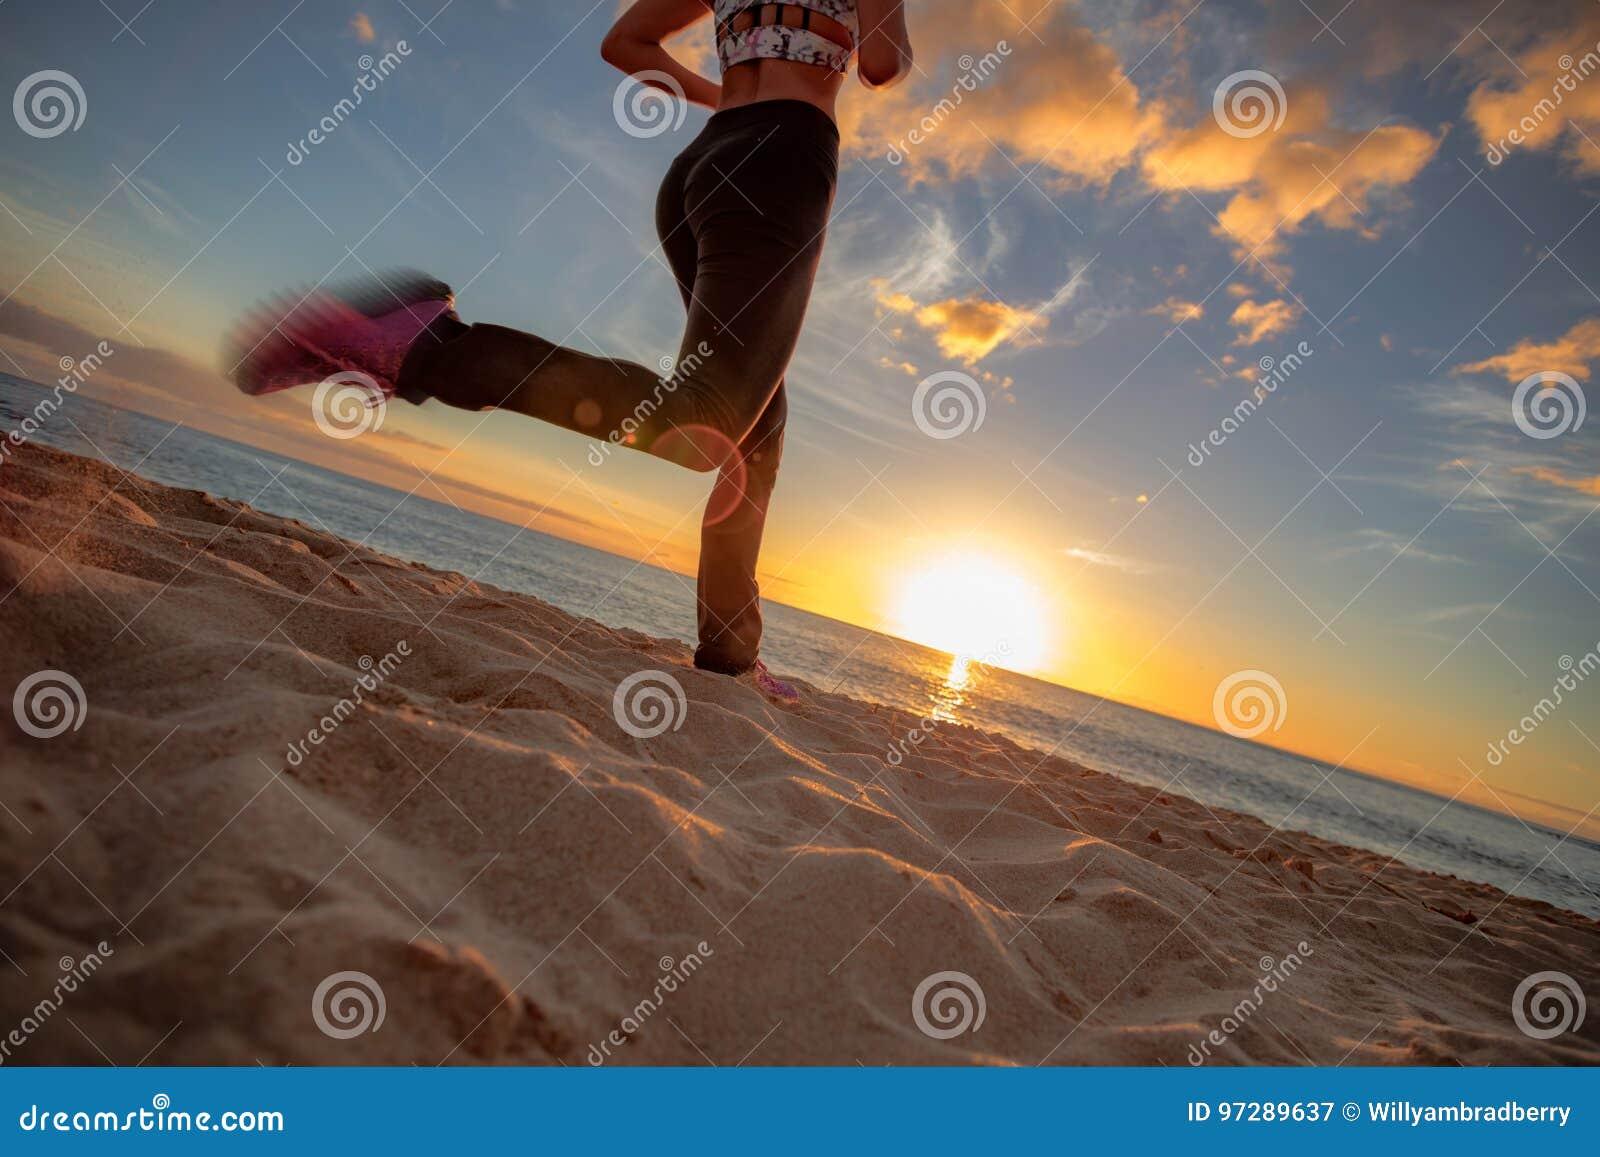 Jogginr apto de la muchacha de la playa de la puesta del sol en la arena contra fondo de la puesta del sol